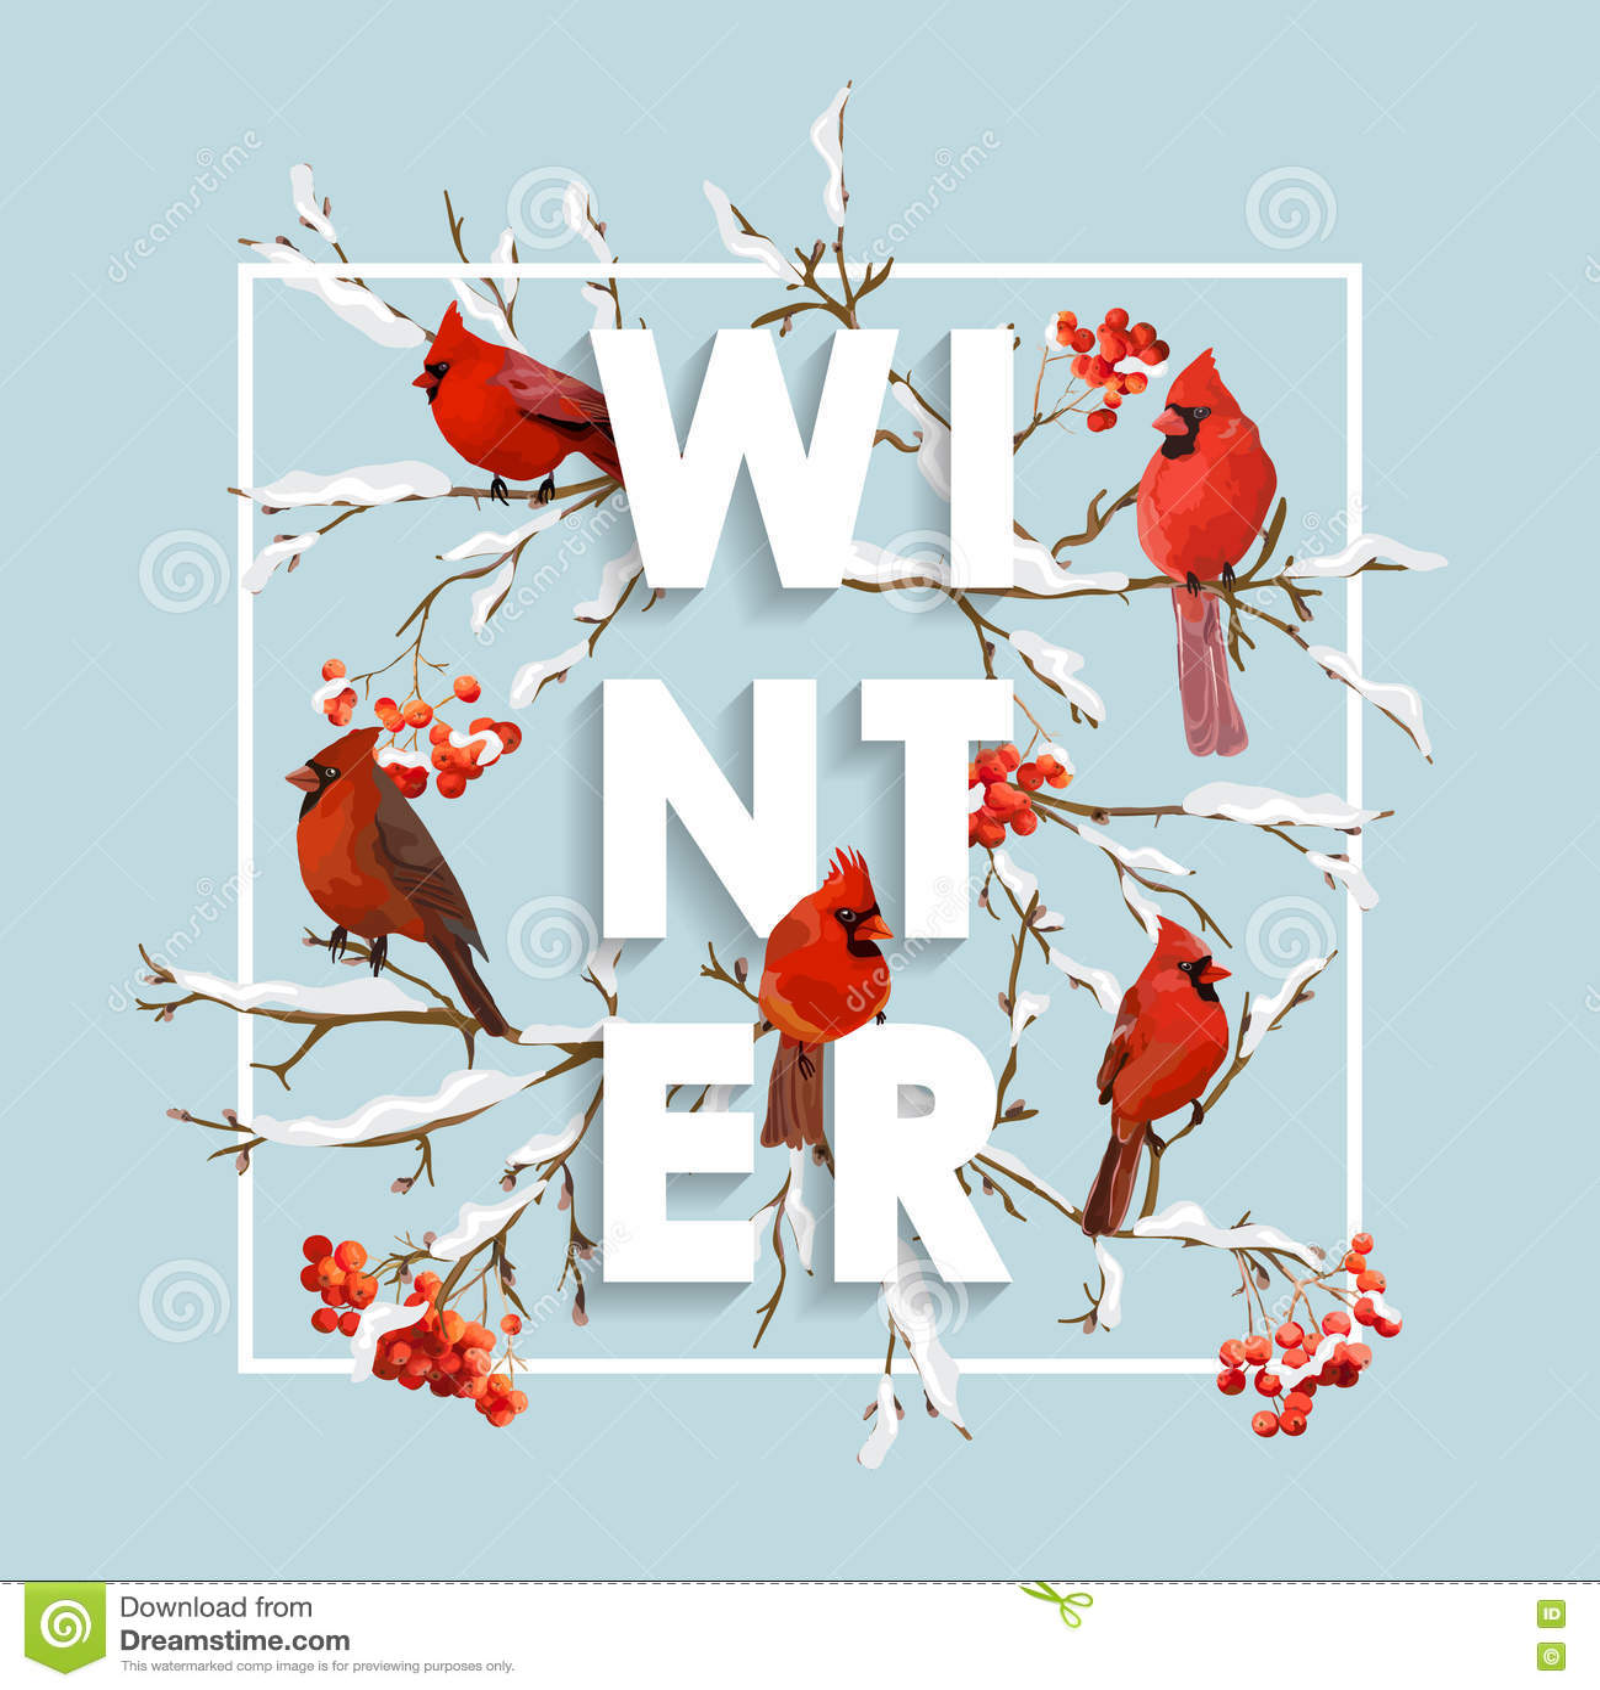 Winter Christmas Design in Vector. Winter Birds with Rowan Berries